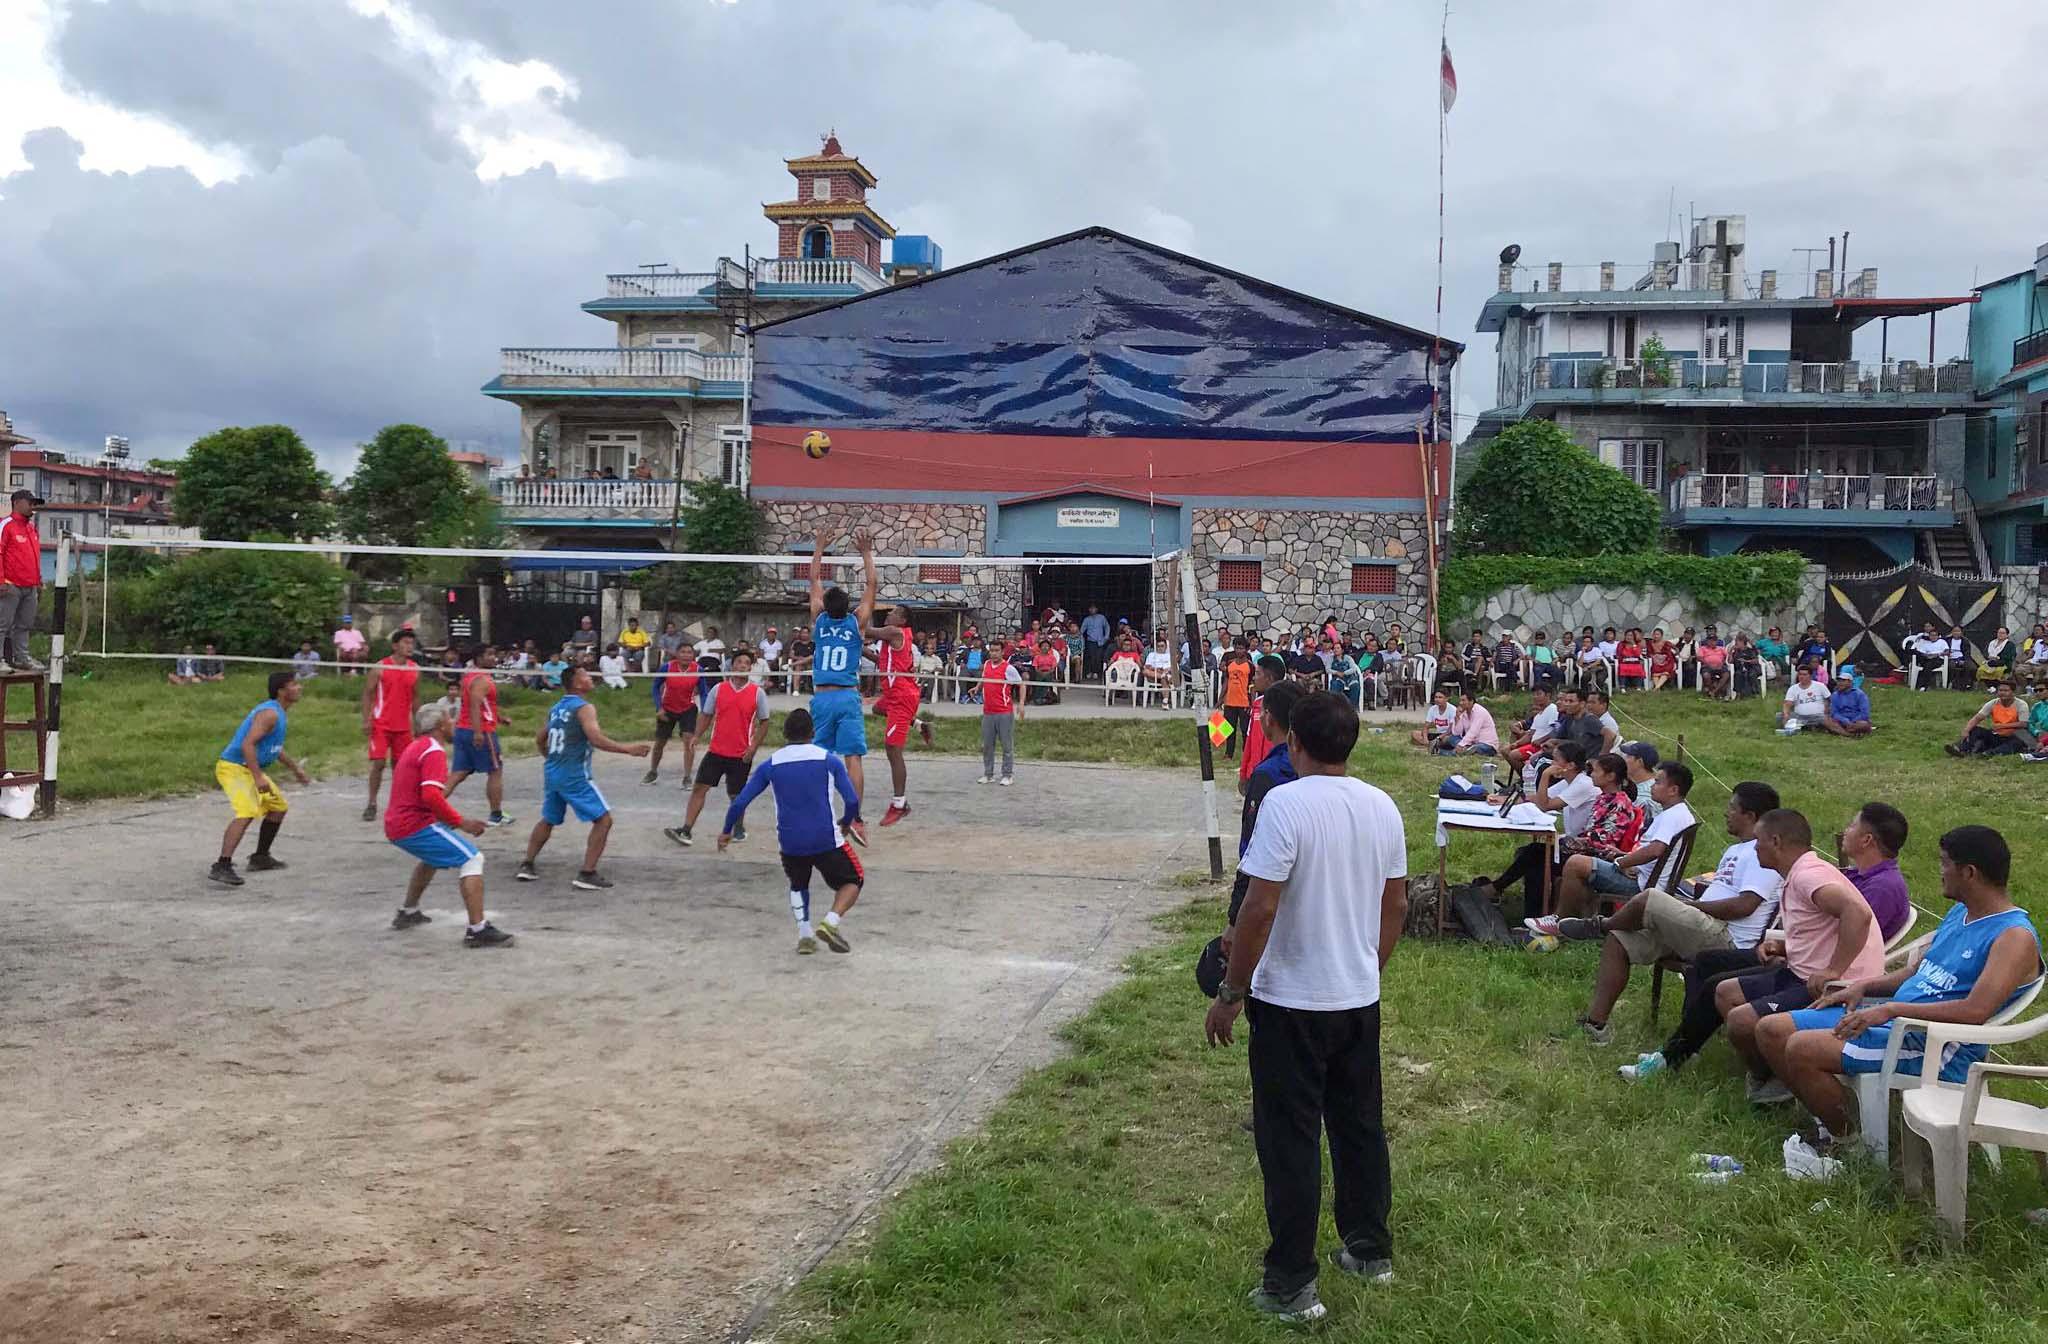 क्लब स्तरीय भलिबल प्रतियोगितामा क्वाटरफाईनलका खेल सम्पन्न